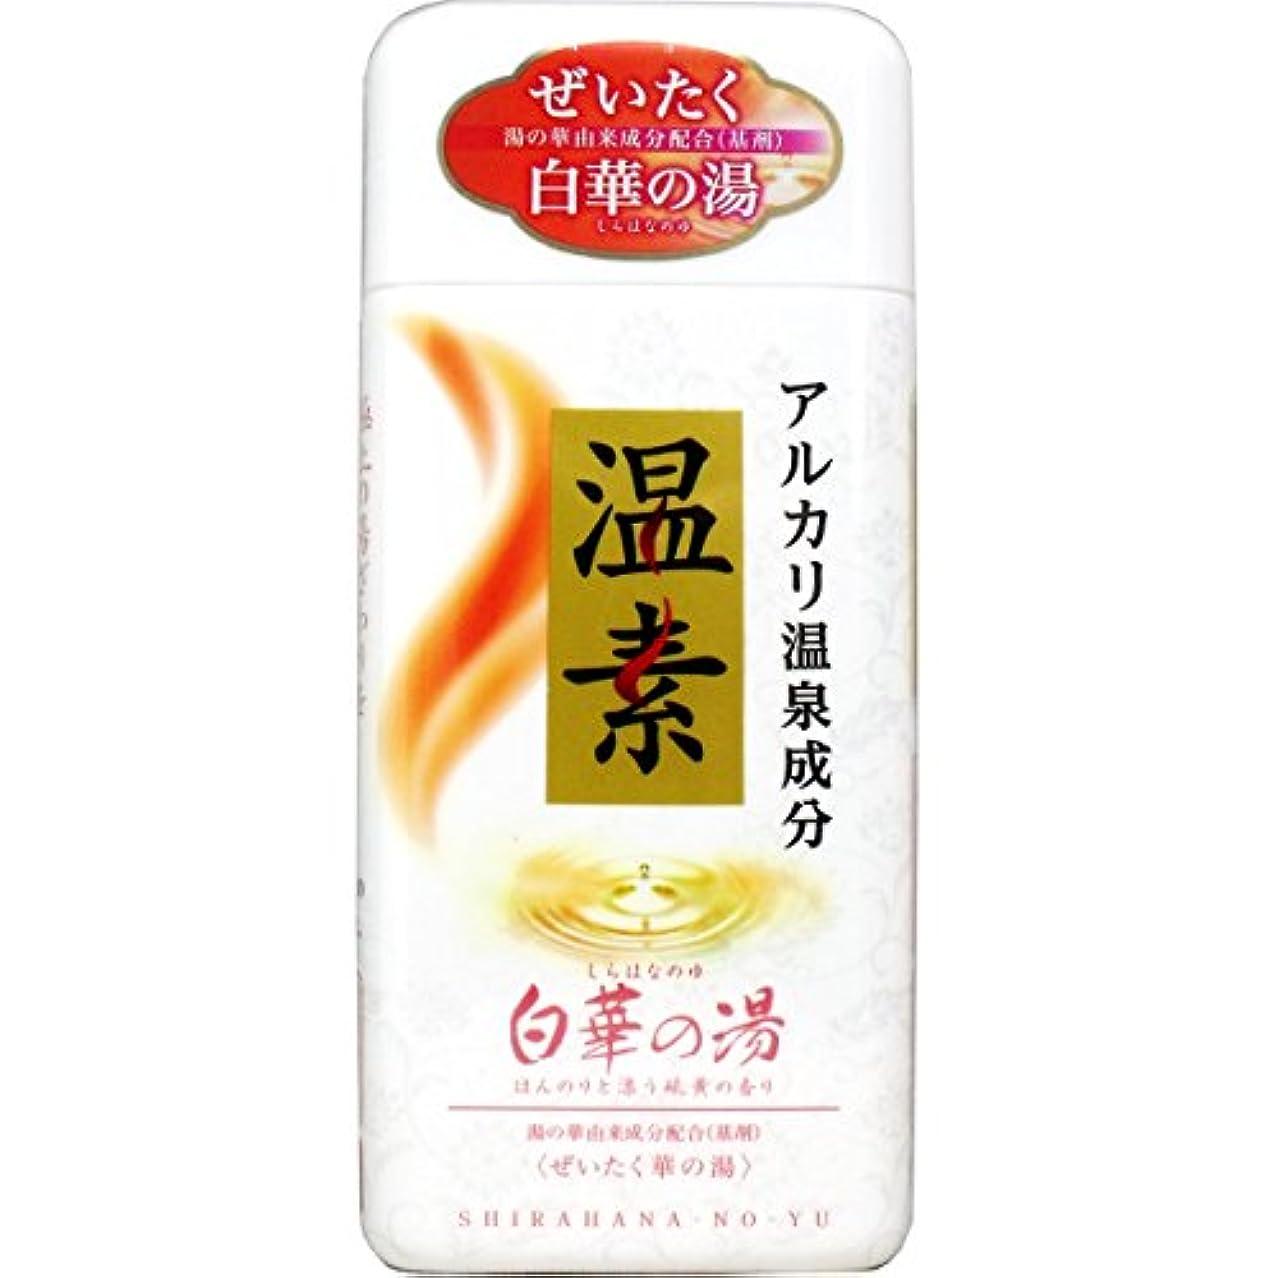 カカドゥコンベンション中国お風呂用品 ぜいたく華の湯 本物志向 アルカリ温泉成分 温素 入浴剤 白華の湯 硫黄の香り 600g入【4個セット】